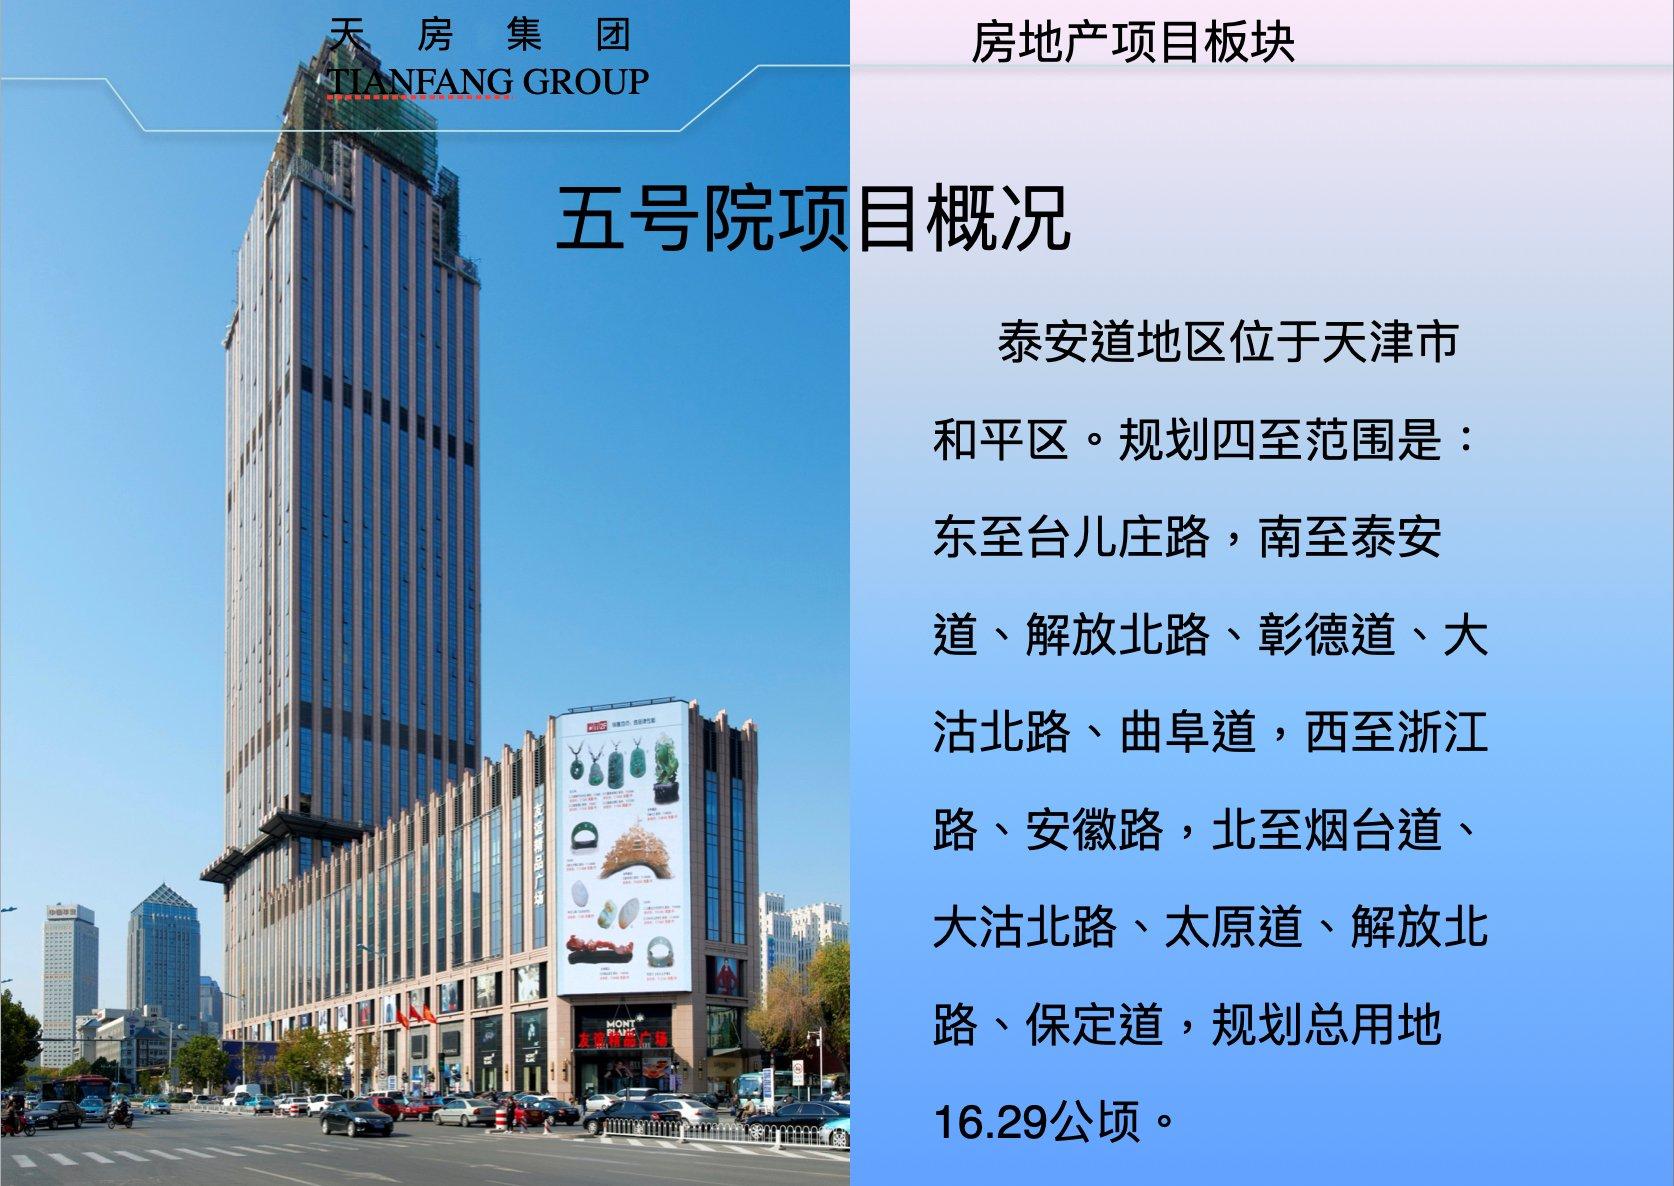 天津又一大型國企——天房集團被爆出約2000億的債務危機。(受訪者提供)